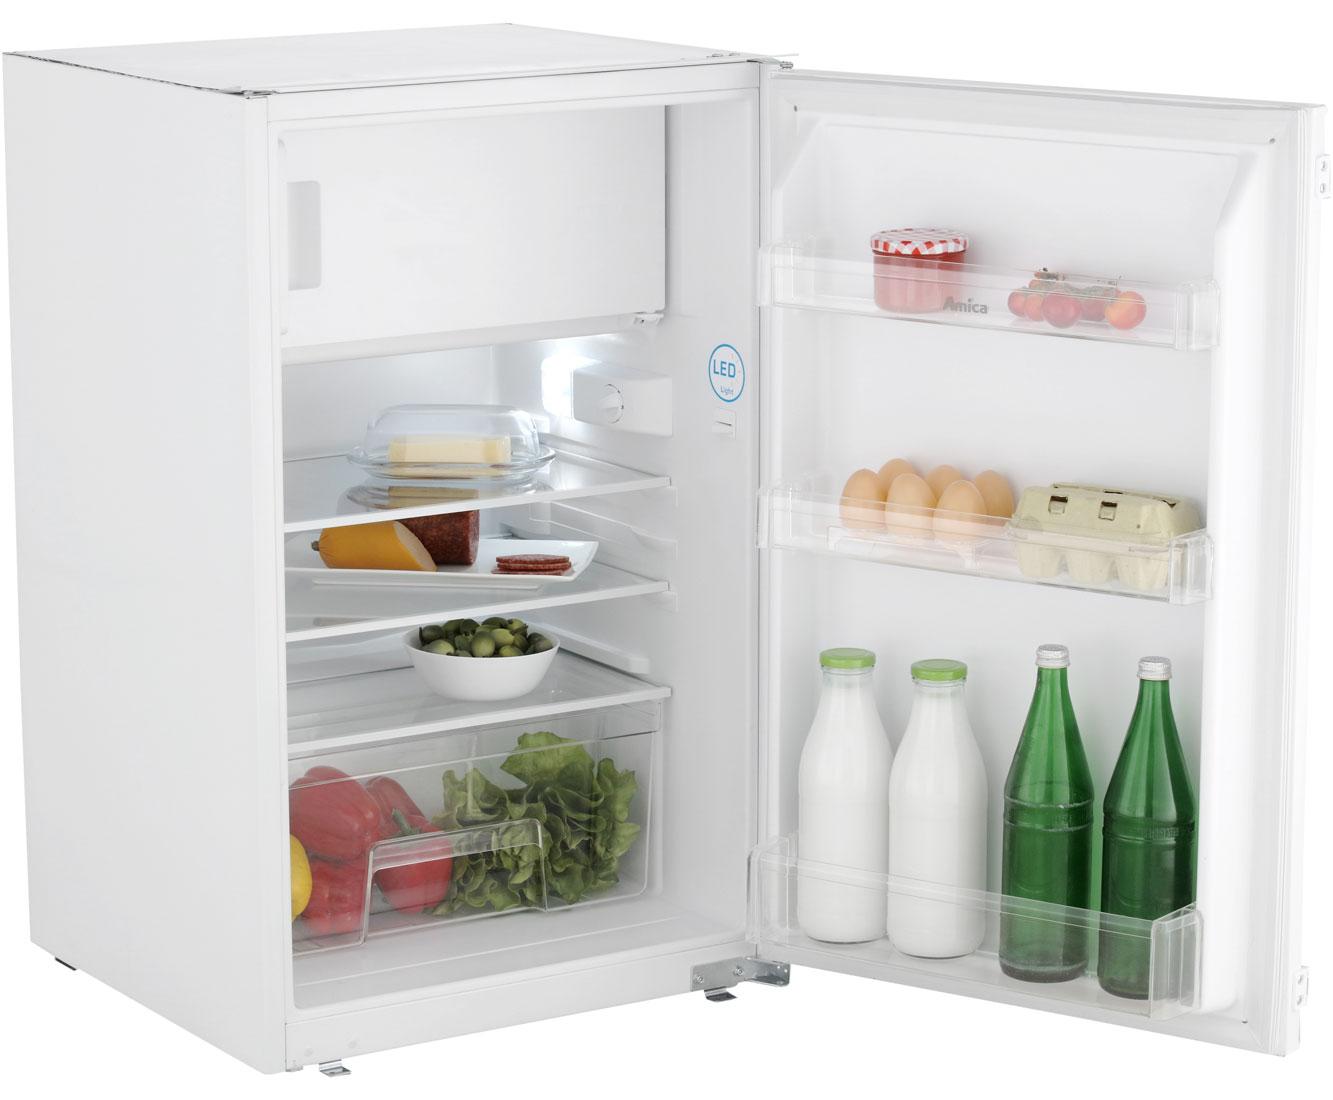 Amica Kühlschrank Side By Side : Amica kühlschrank temperatur einstellen kühlschrank modelle